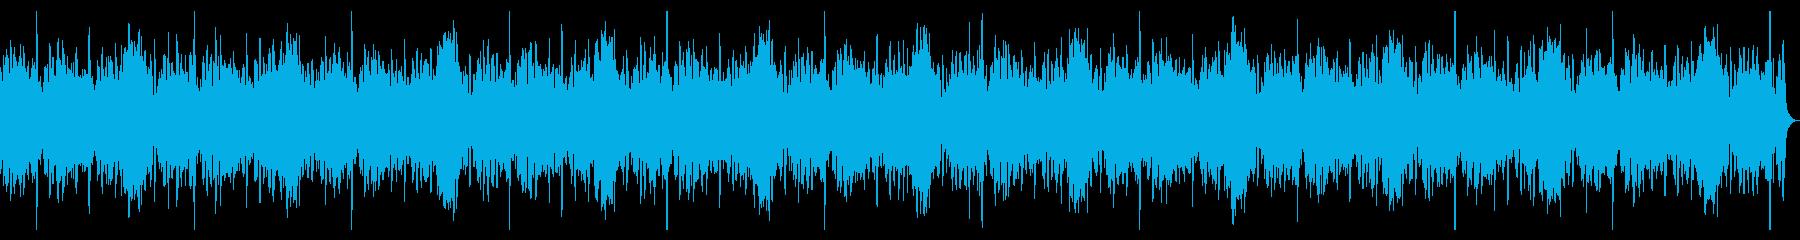 波の音が印象的な明るいBGMの再生済みの波形